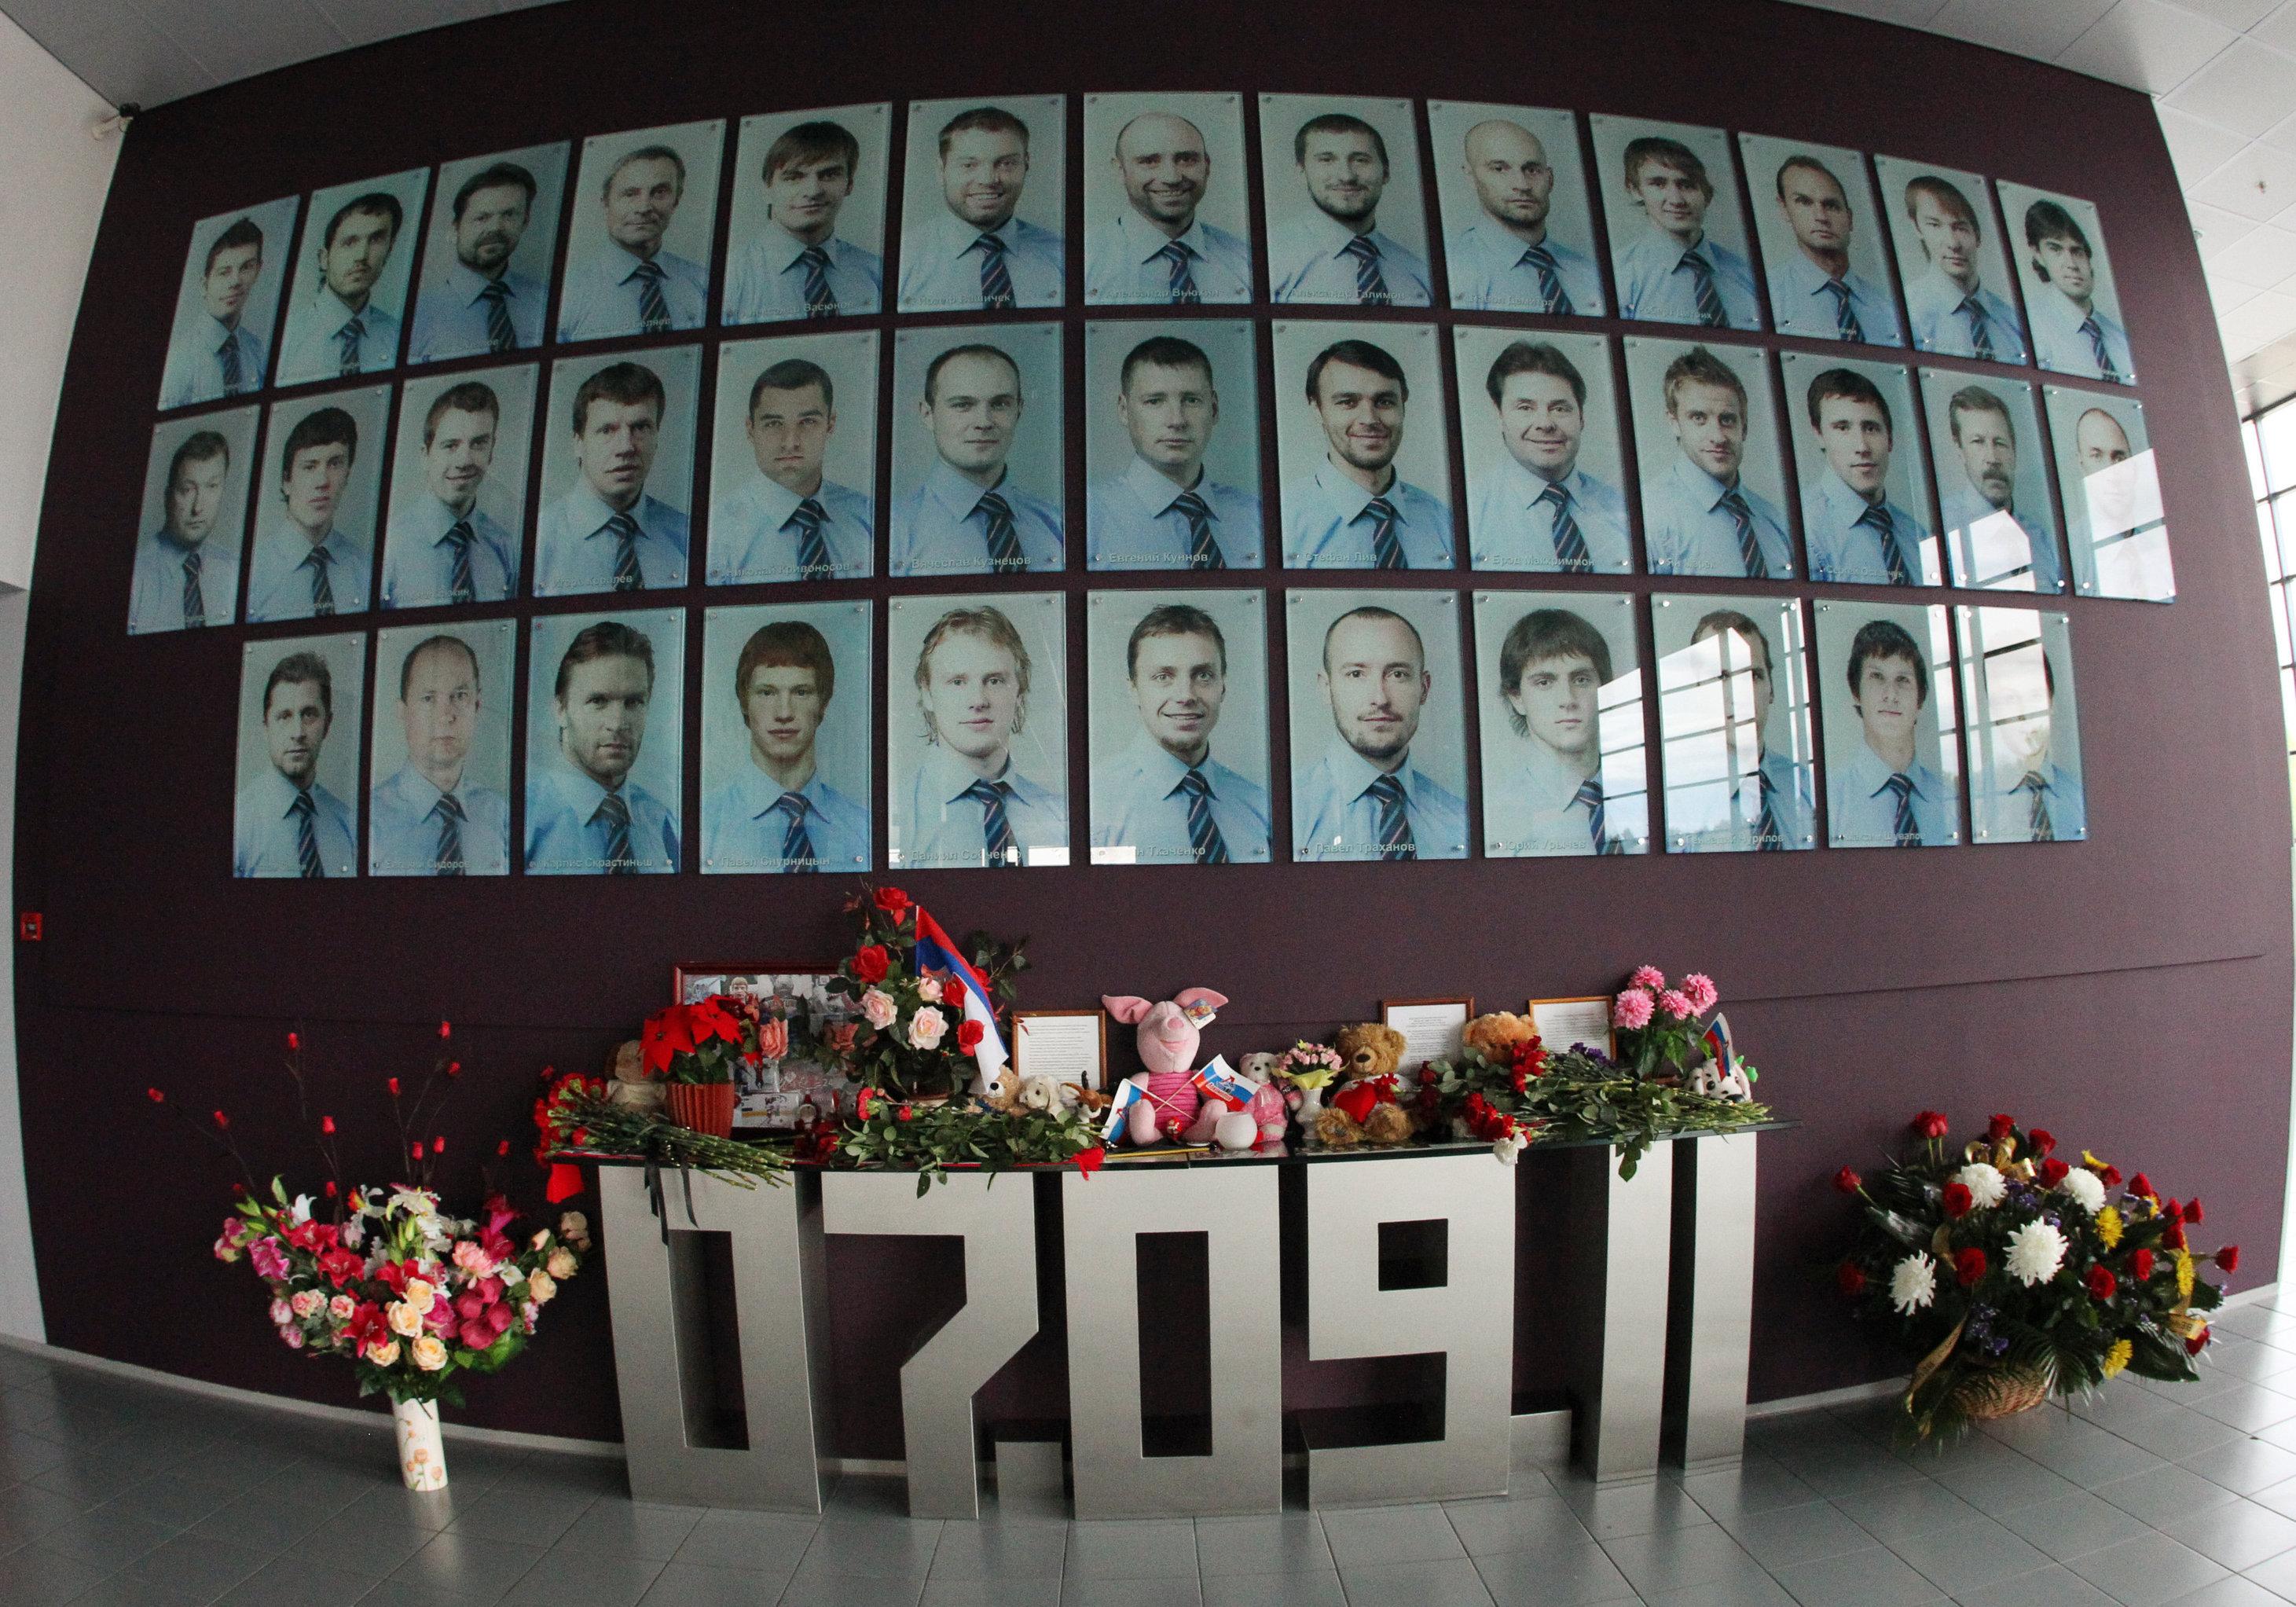 ВЯрославле вспоминают хоккеистов «Локомотива», погибших при крушении самолета пять лет назад